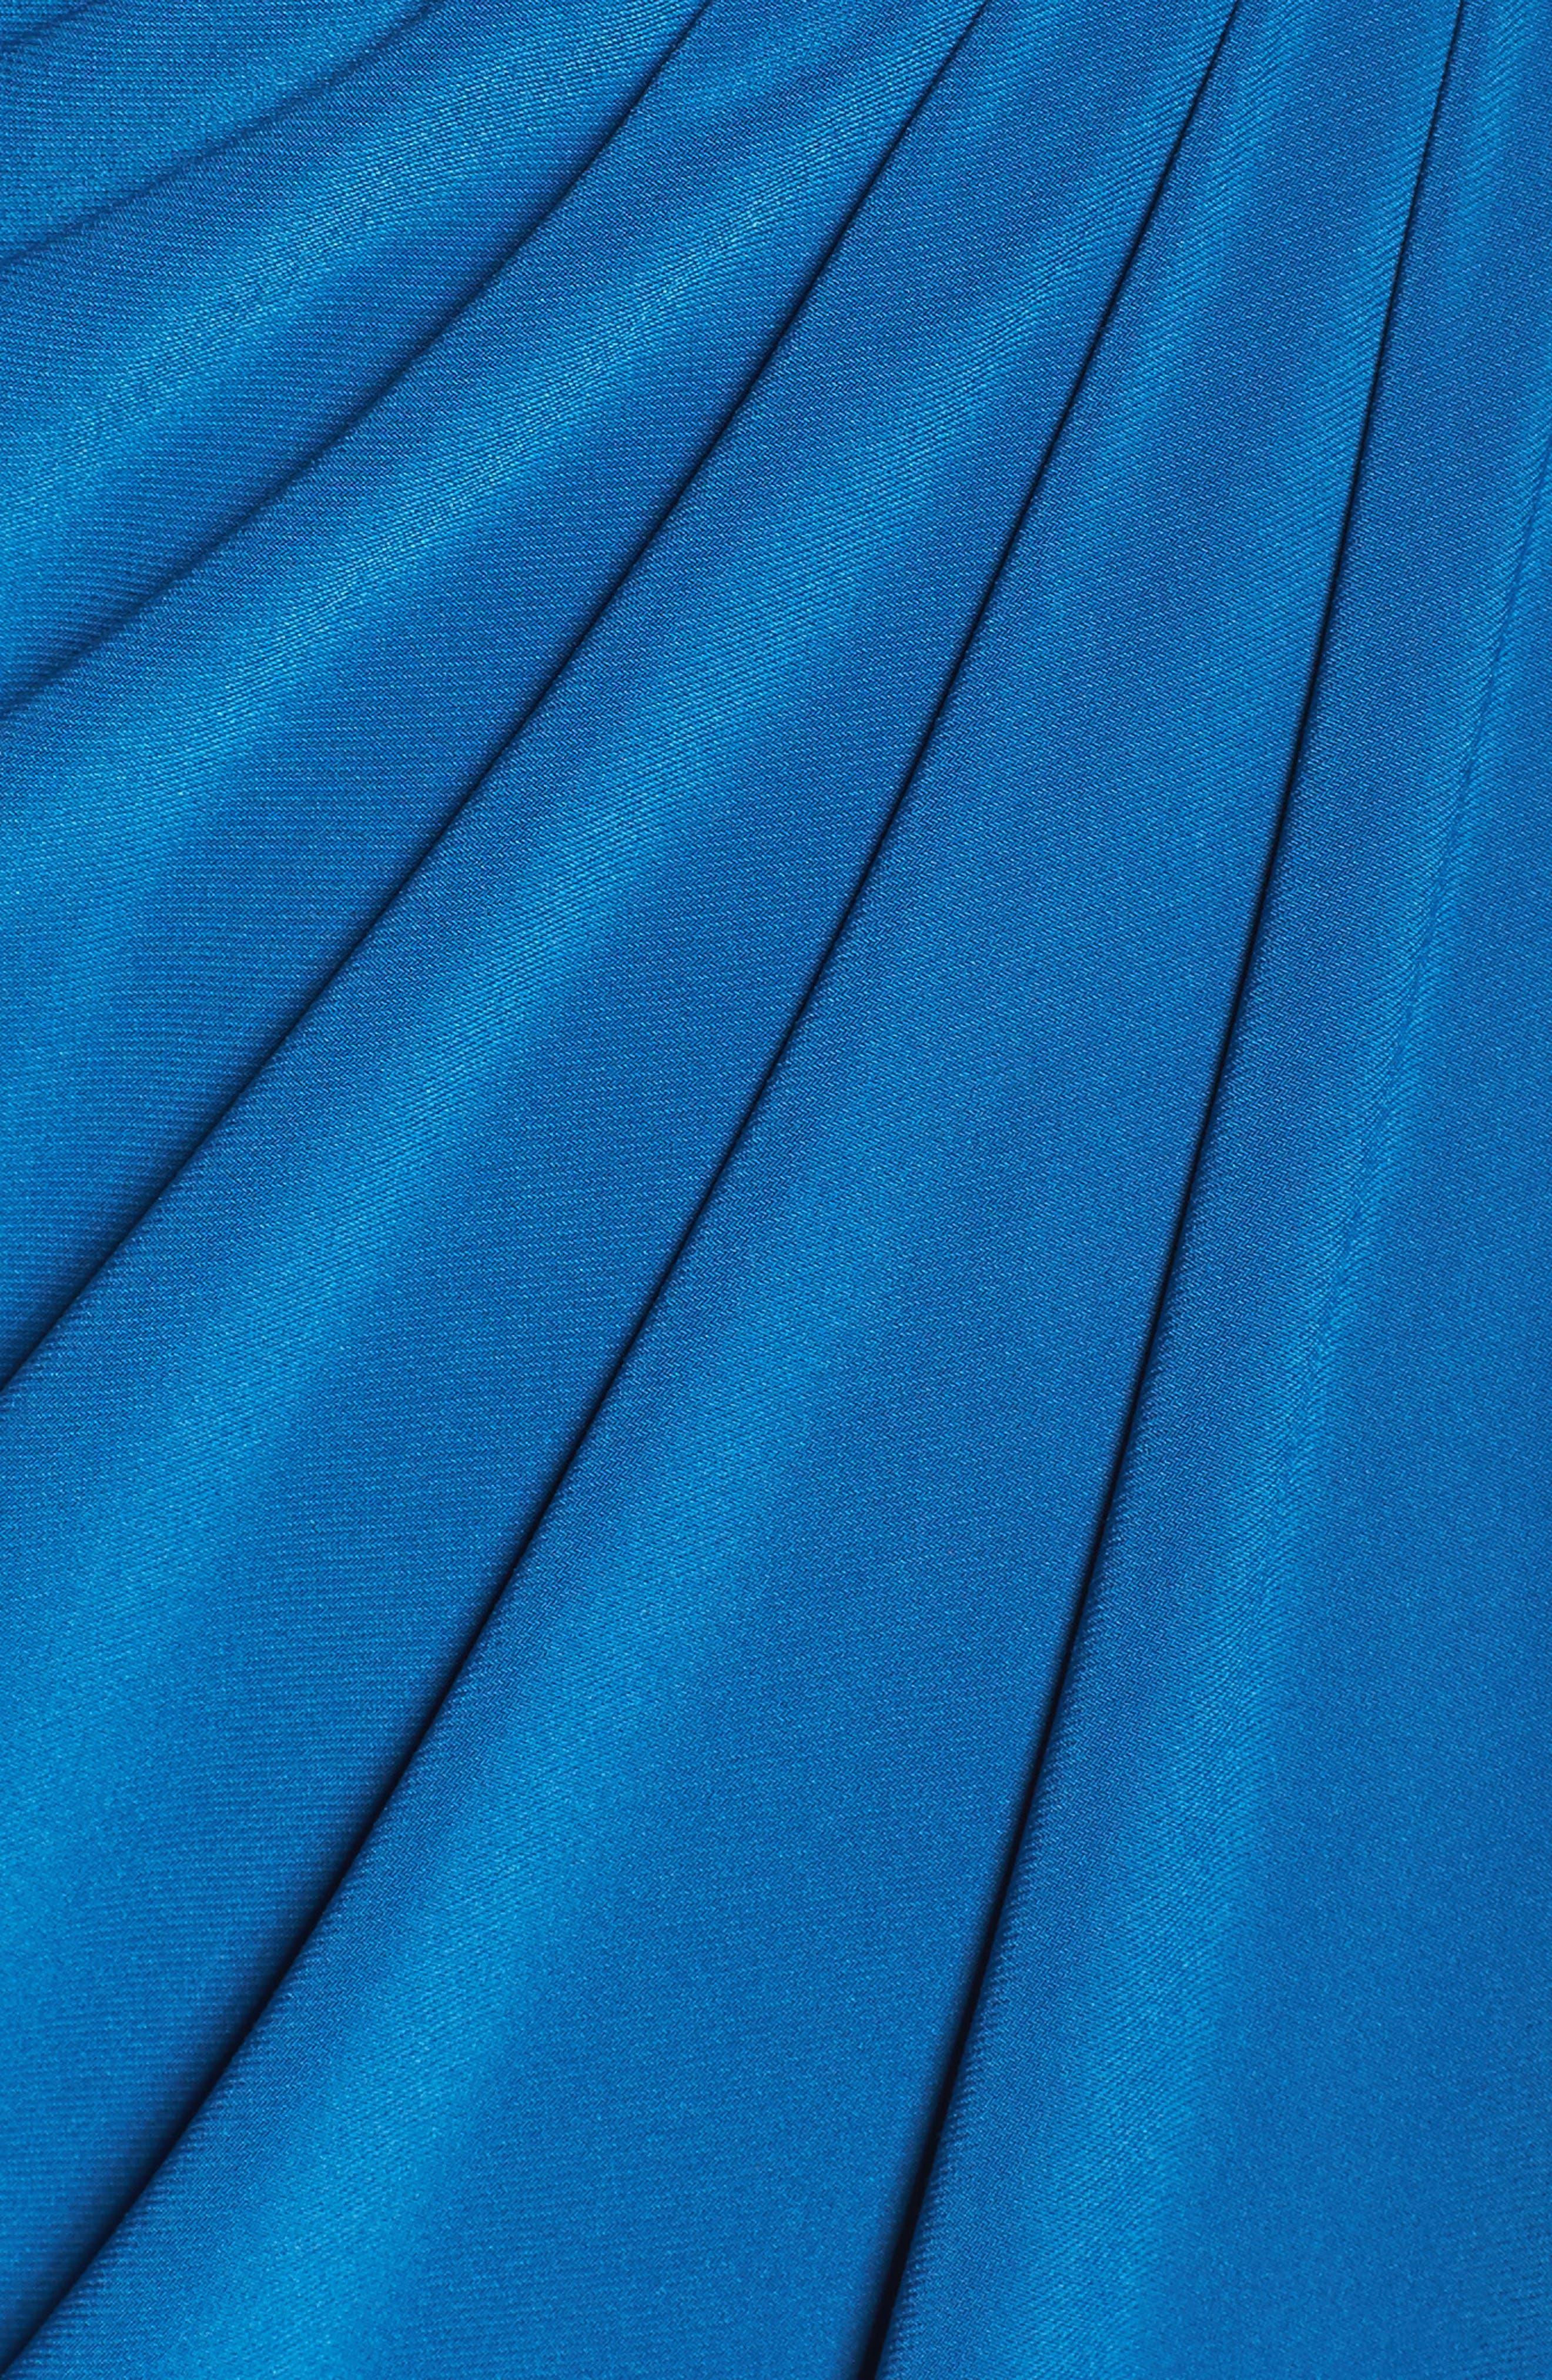 Embellished Wrap Dress,                             Alternate thumbnail 5, color,                             480